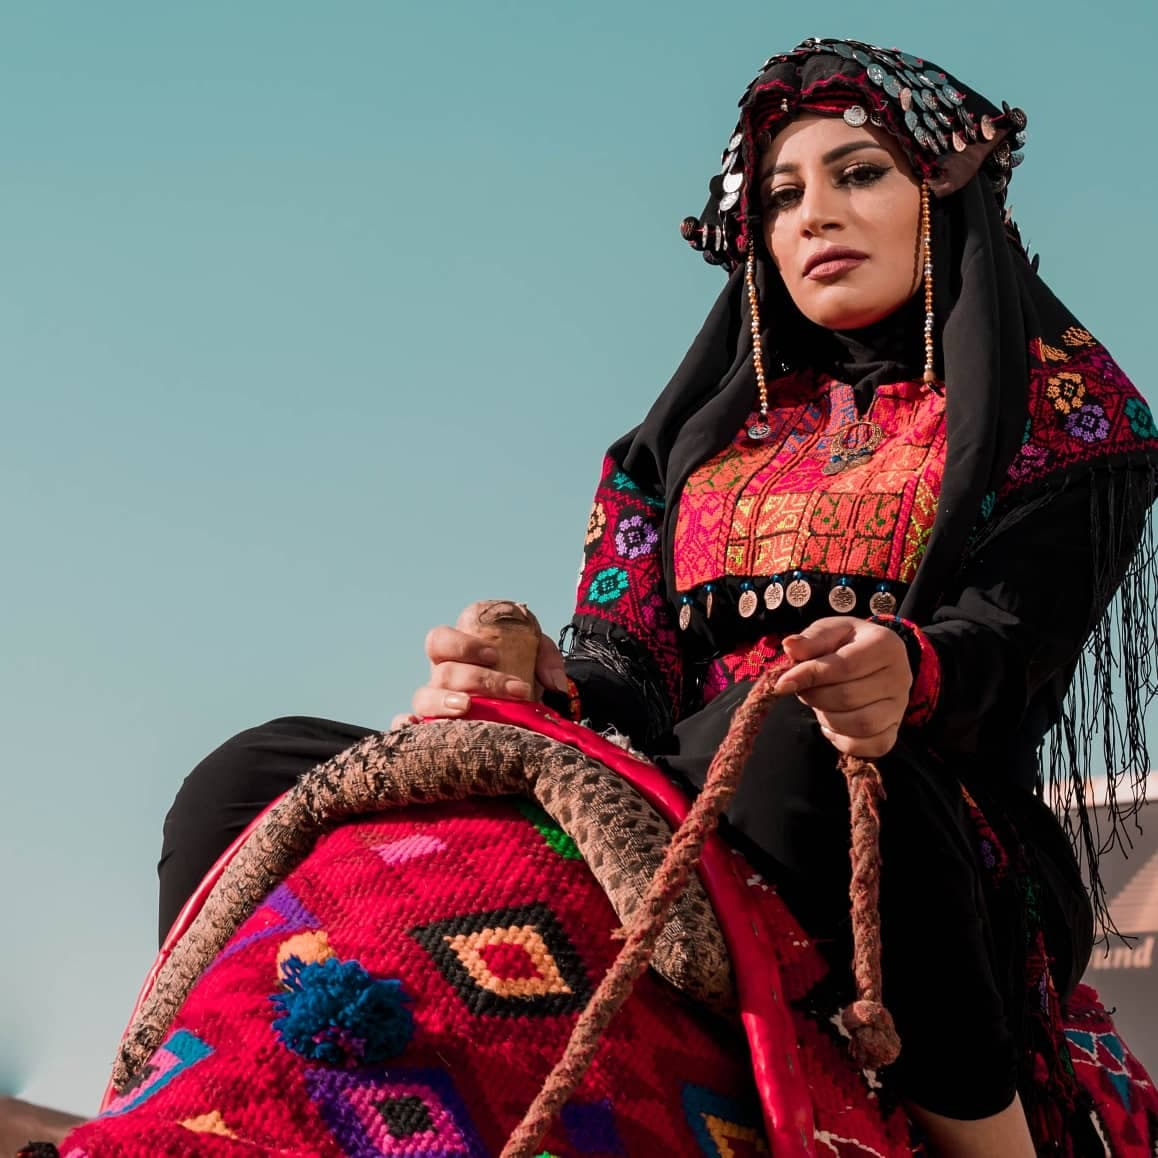 الزي البدوي